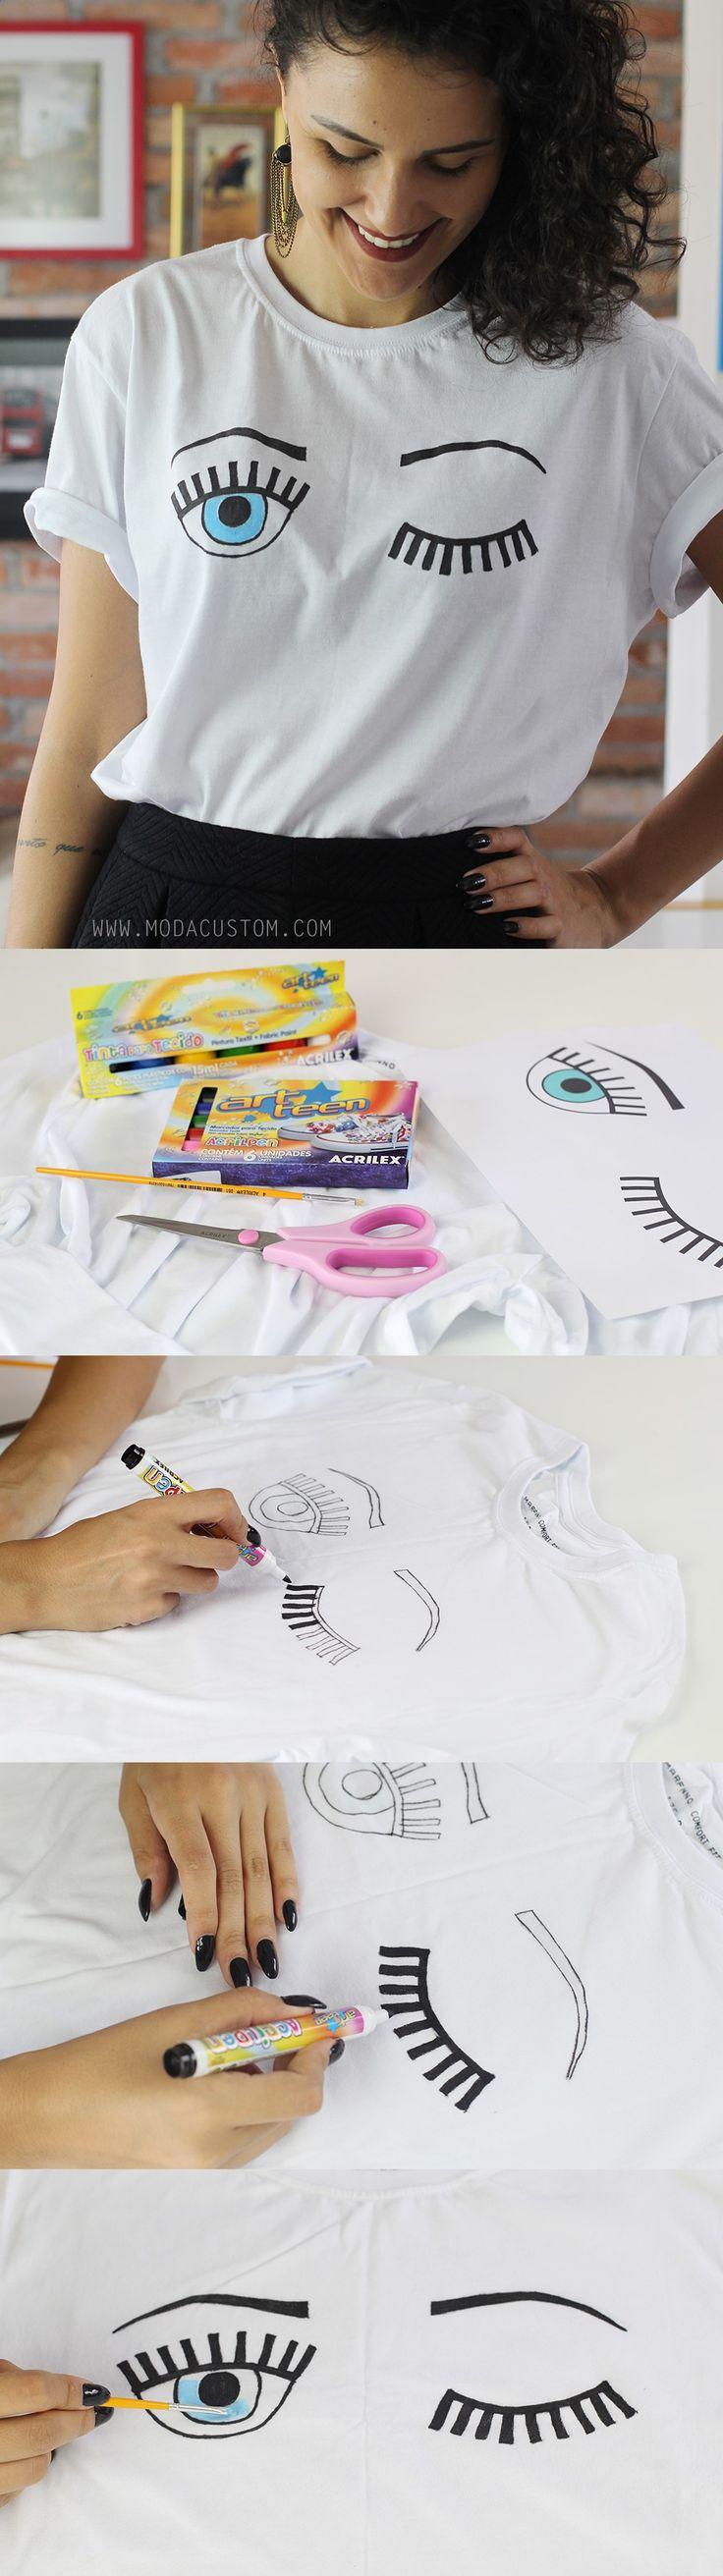 Tutorial camiseta cílios no blog: modacustom.com.br... ➣➢➣ http://www.diverint.com/gifs-graciosos-whatsapp-explota